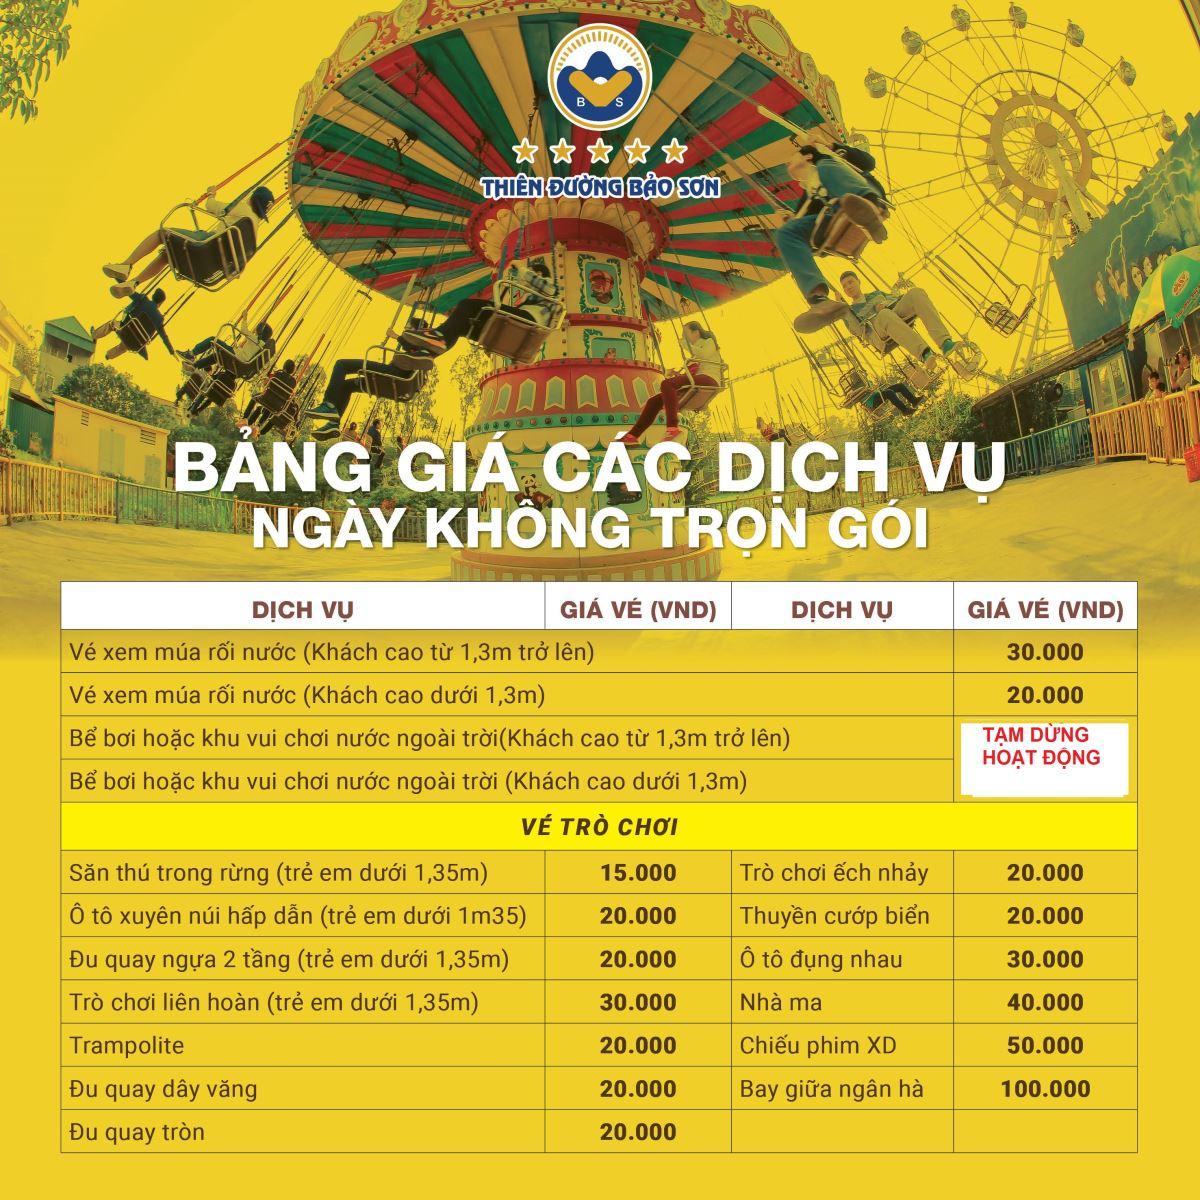 Giá vé trò chơi lẻ áp dụng các ngày thường từ thứ 2 - thứ 7. Vào các ngày  chủ nhật, tất cả trò chơi trên được miễn phí không giới hạn số lần.